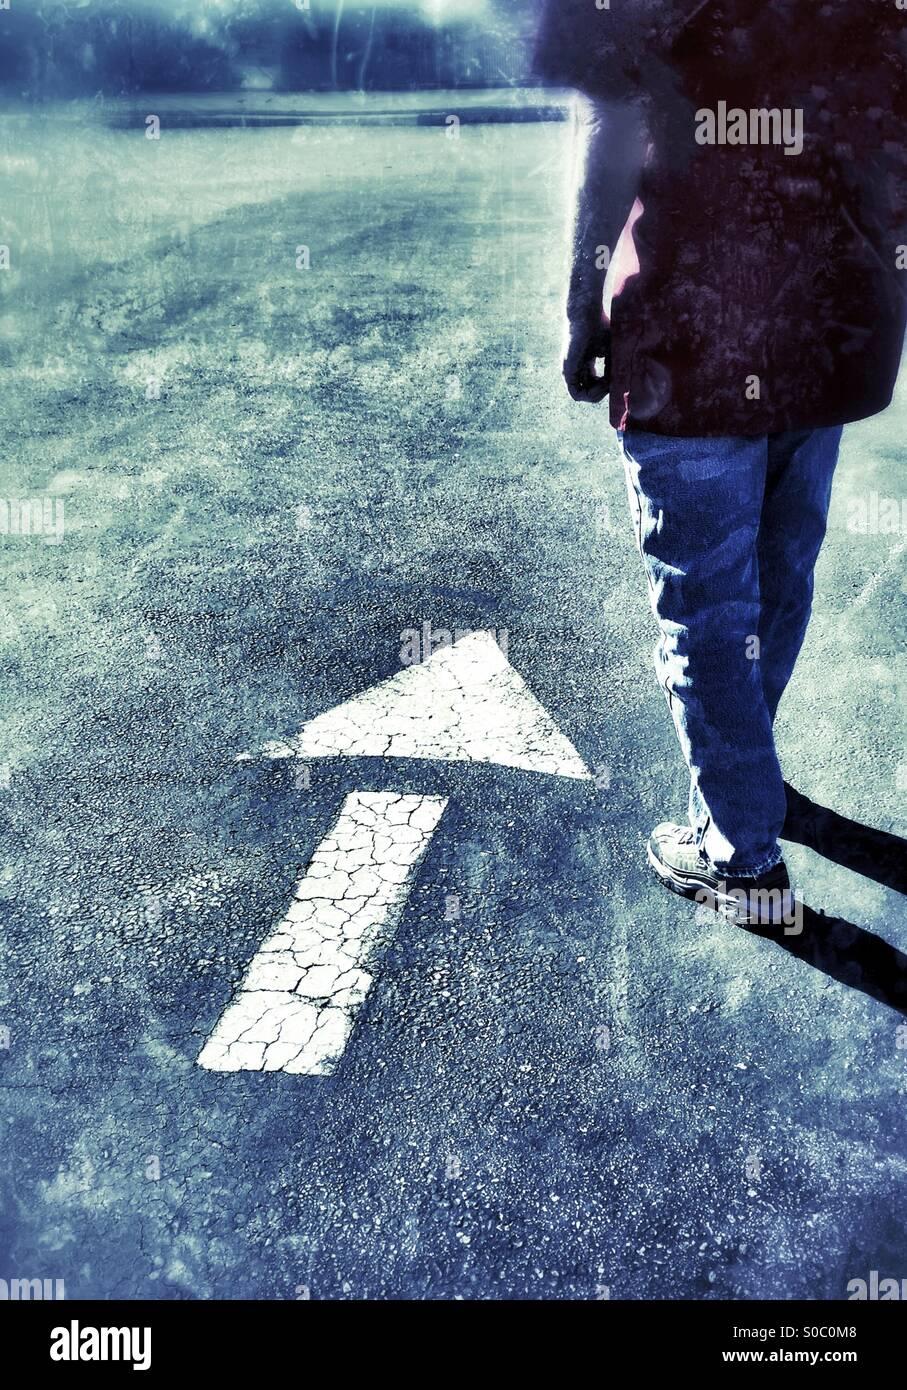 Uomo in piedi accanto a un dipinto di freccia rivolta in alto o in linea retta Immagini Stock